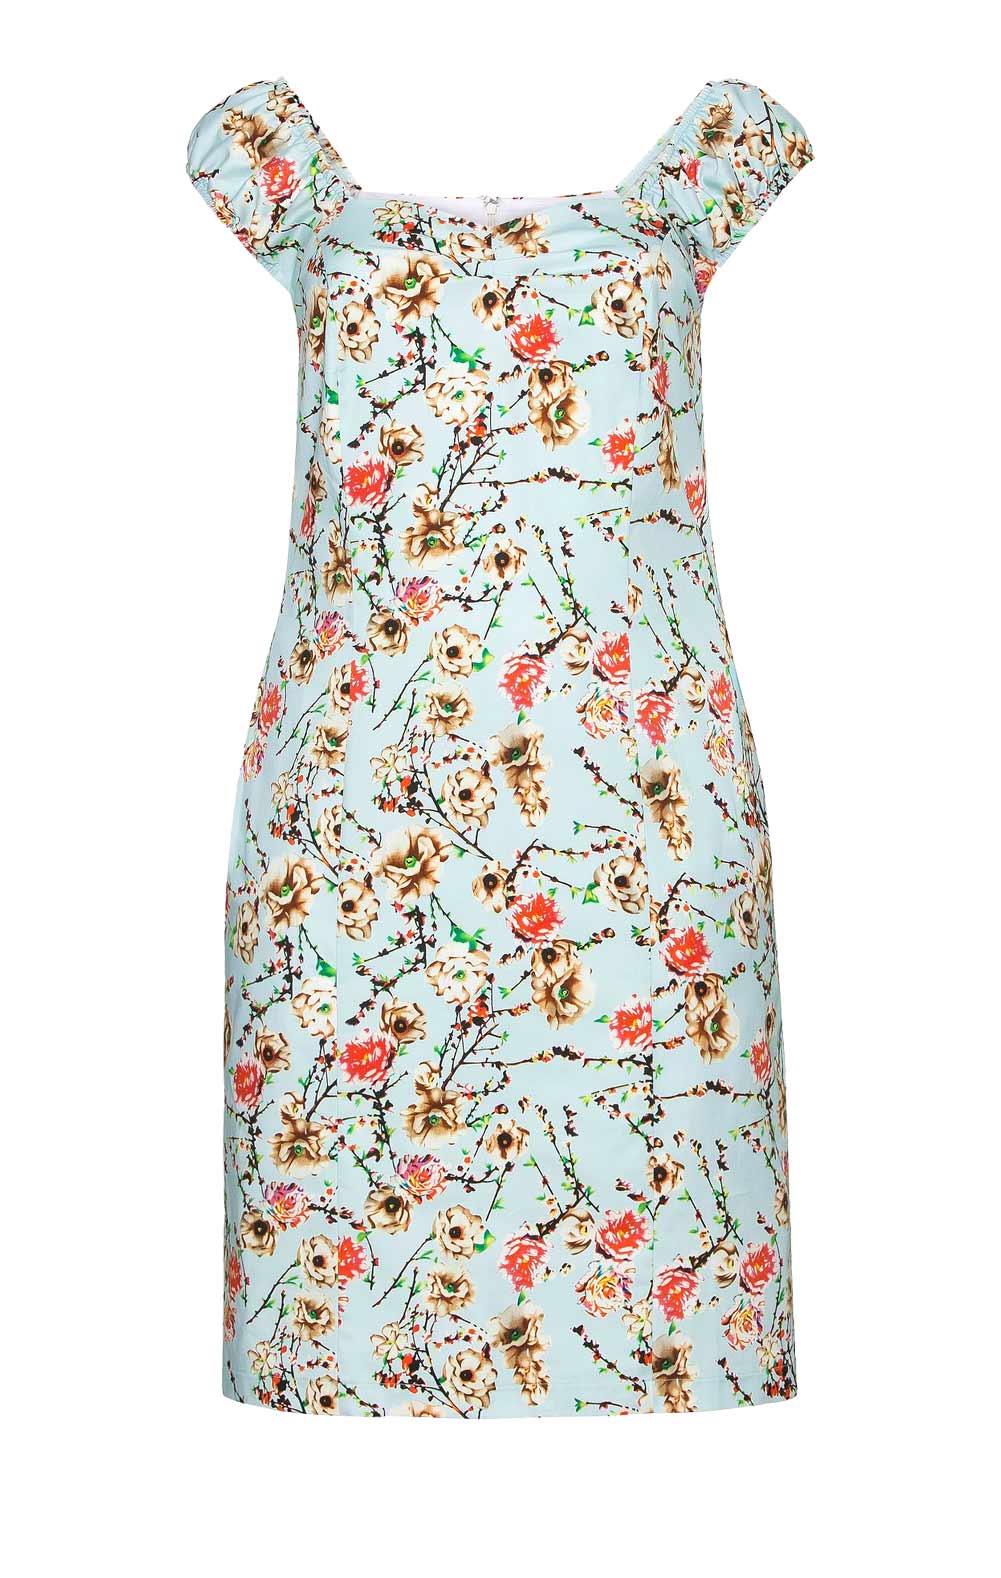 business kleider für damen JOE BROWNS Damen-Etuikleid Bunt 678.943 Missforty